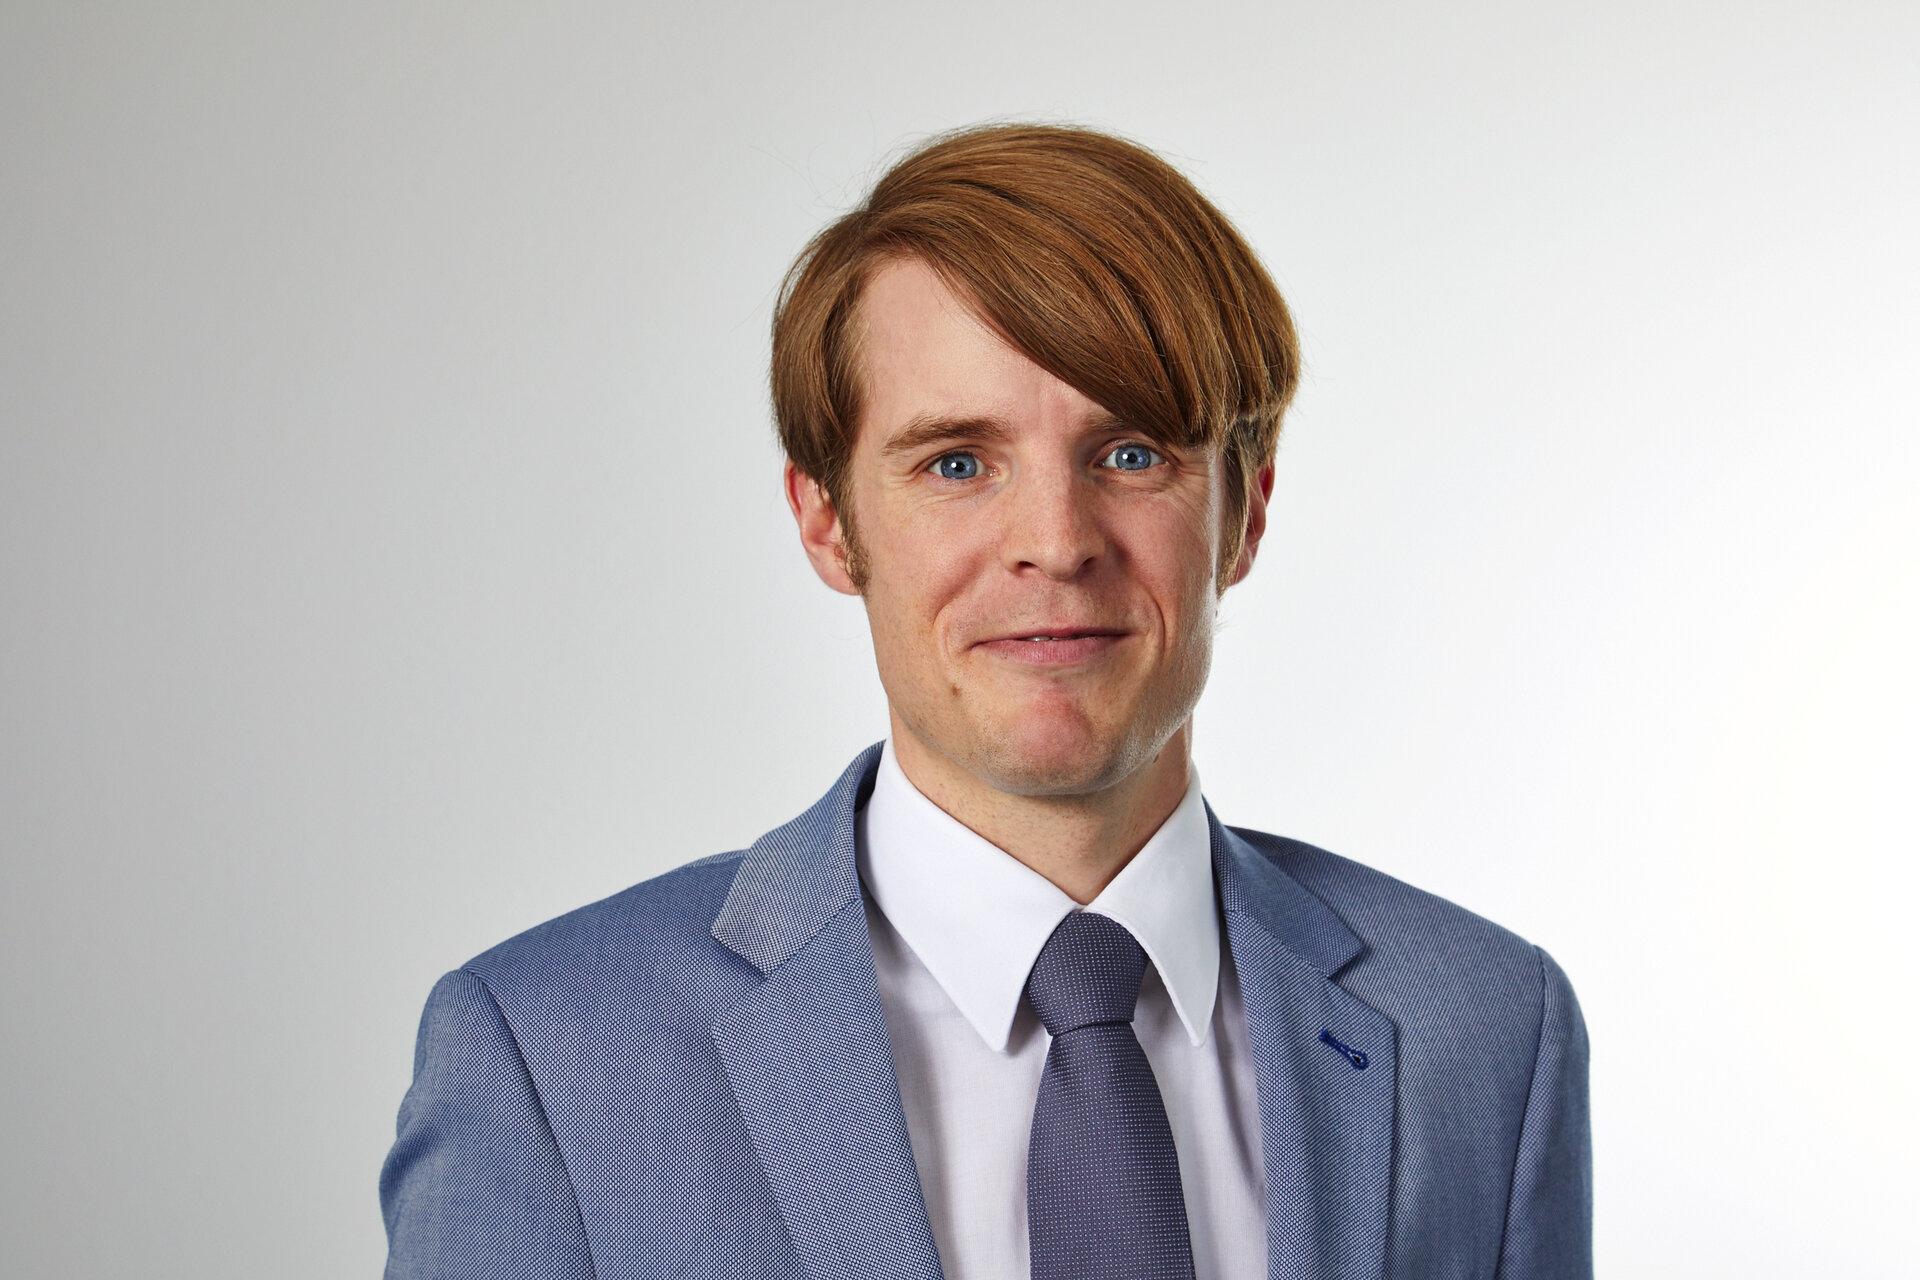 Marius Tegethoff